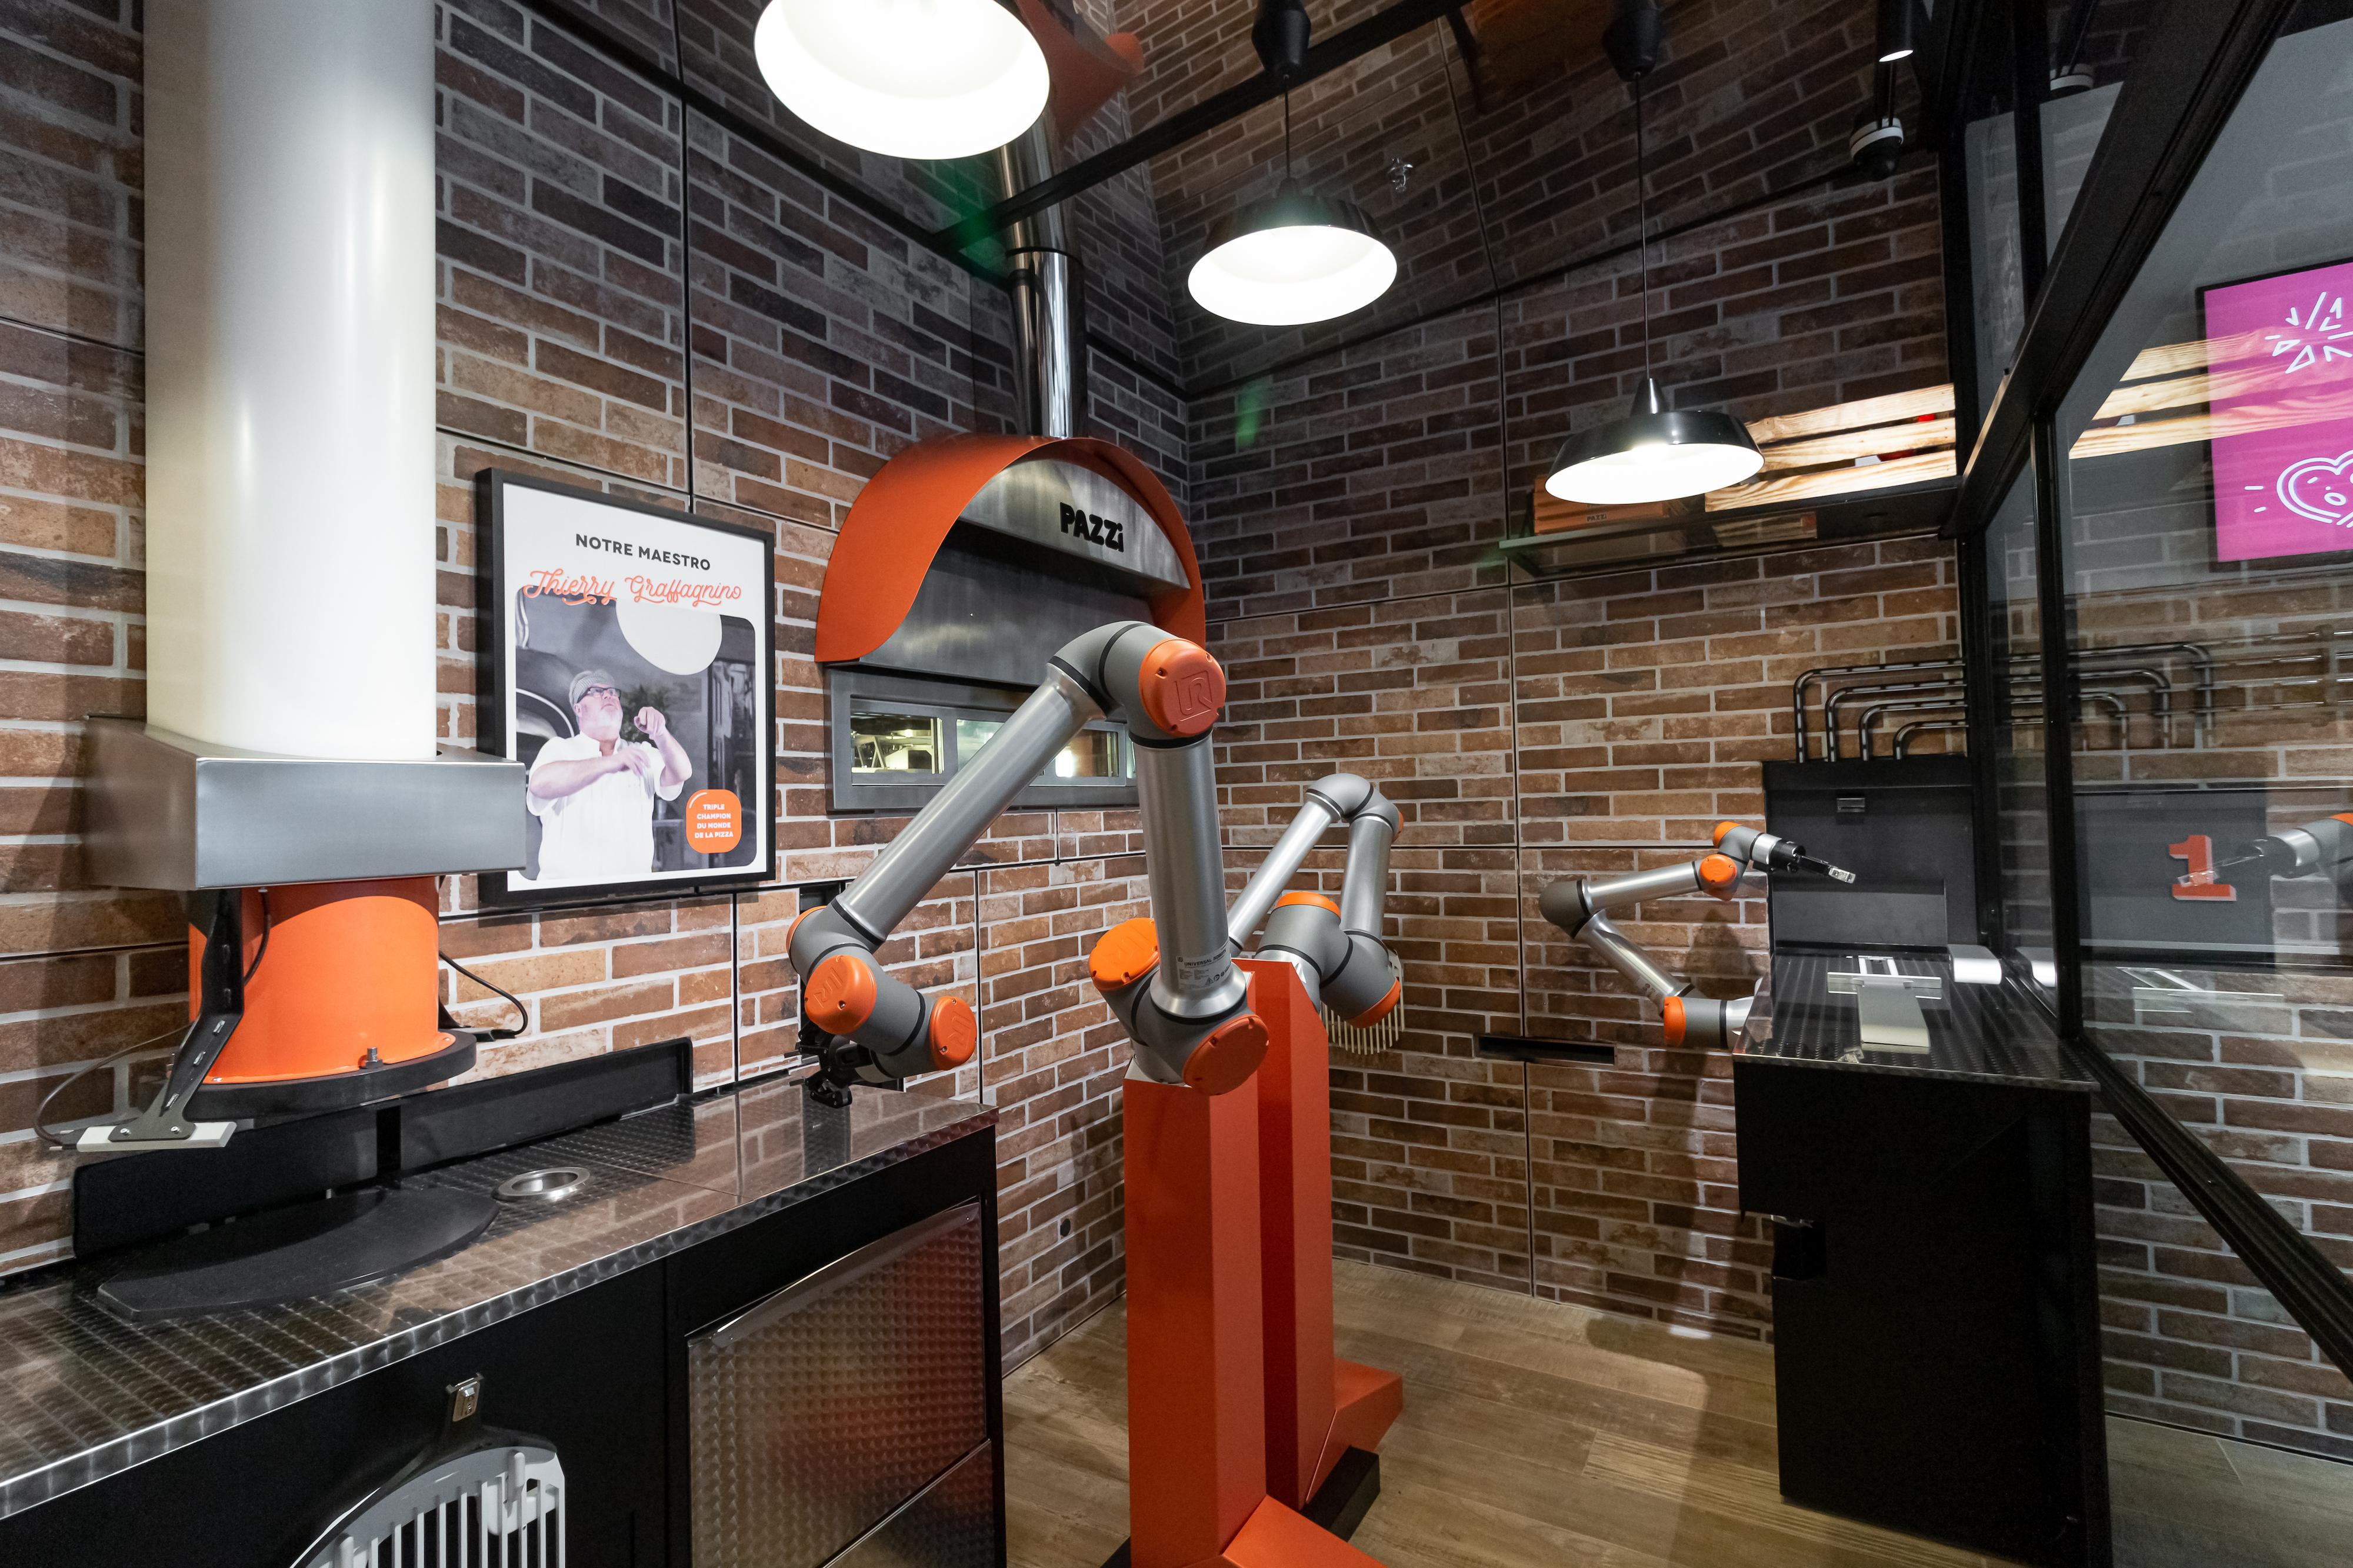 Robot berbentuk sepasang tangan besi perak dan sepasang kaki merah di dapur